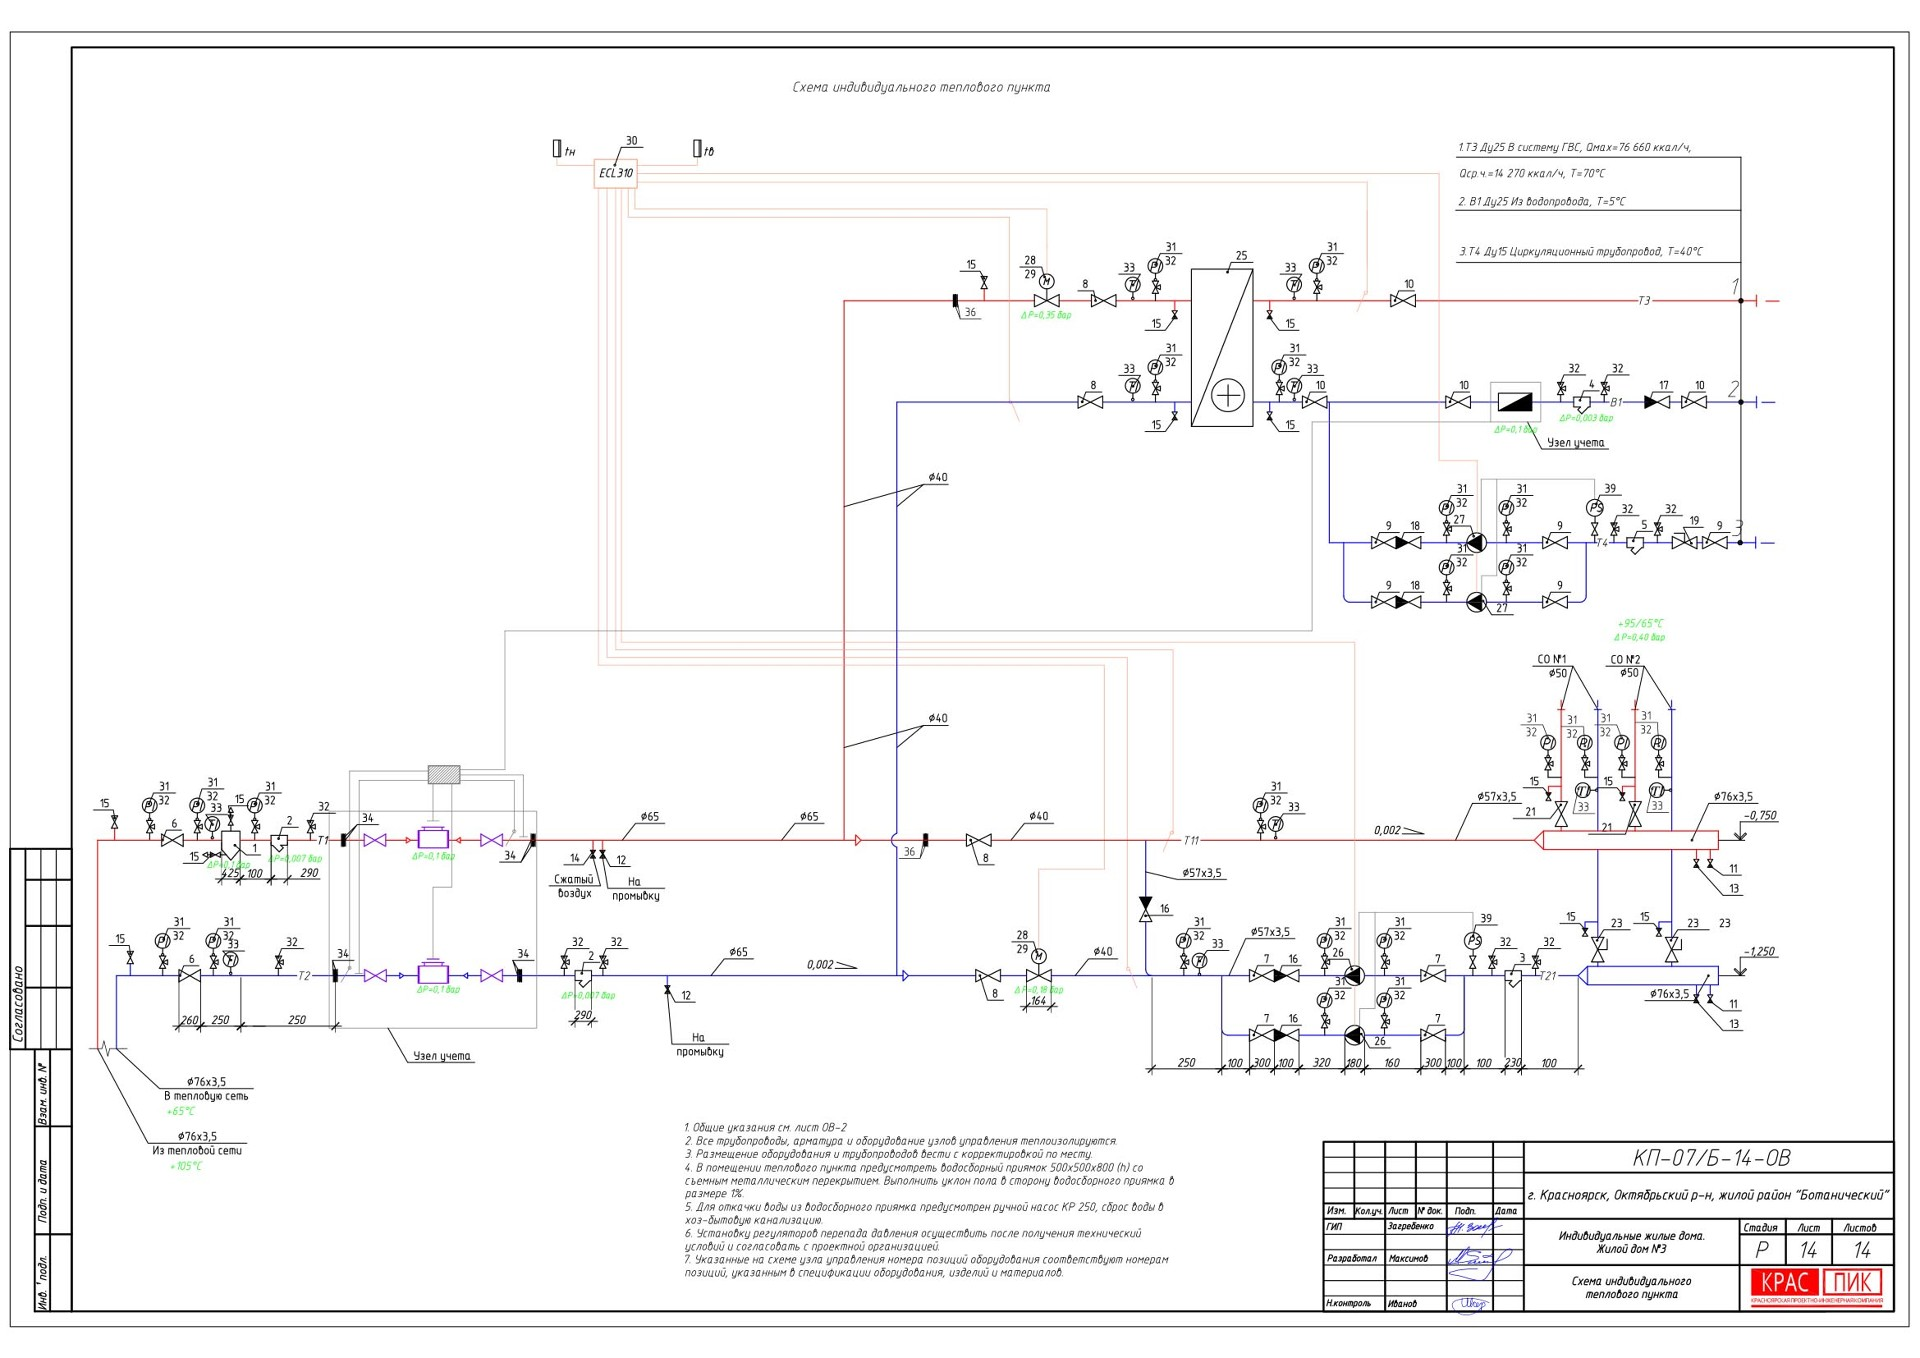 Схема теплового пункта с открытой системой теплоснабжения